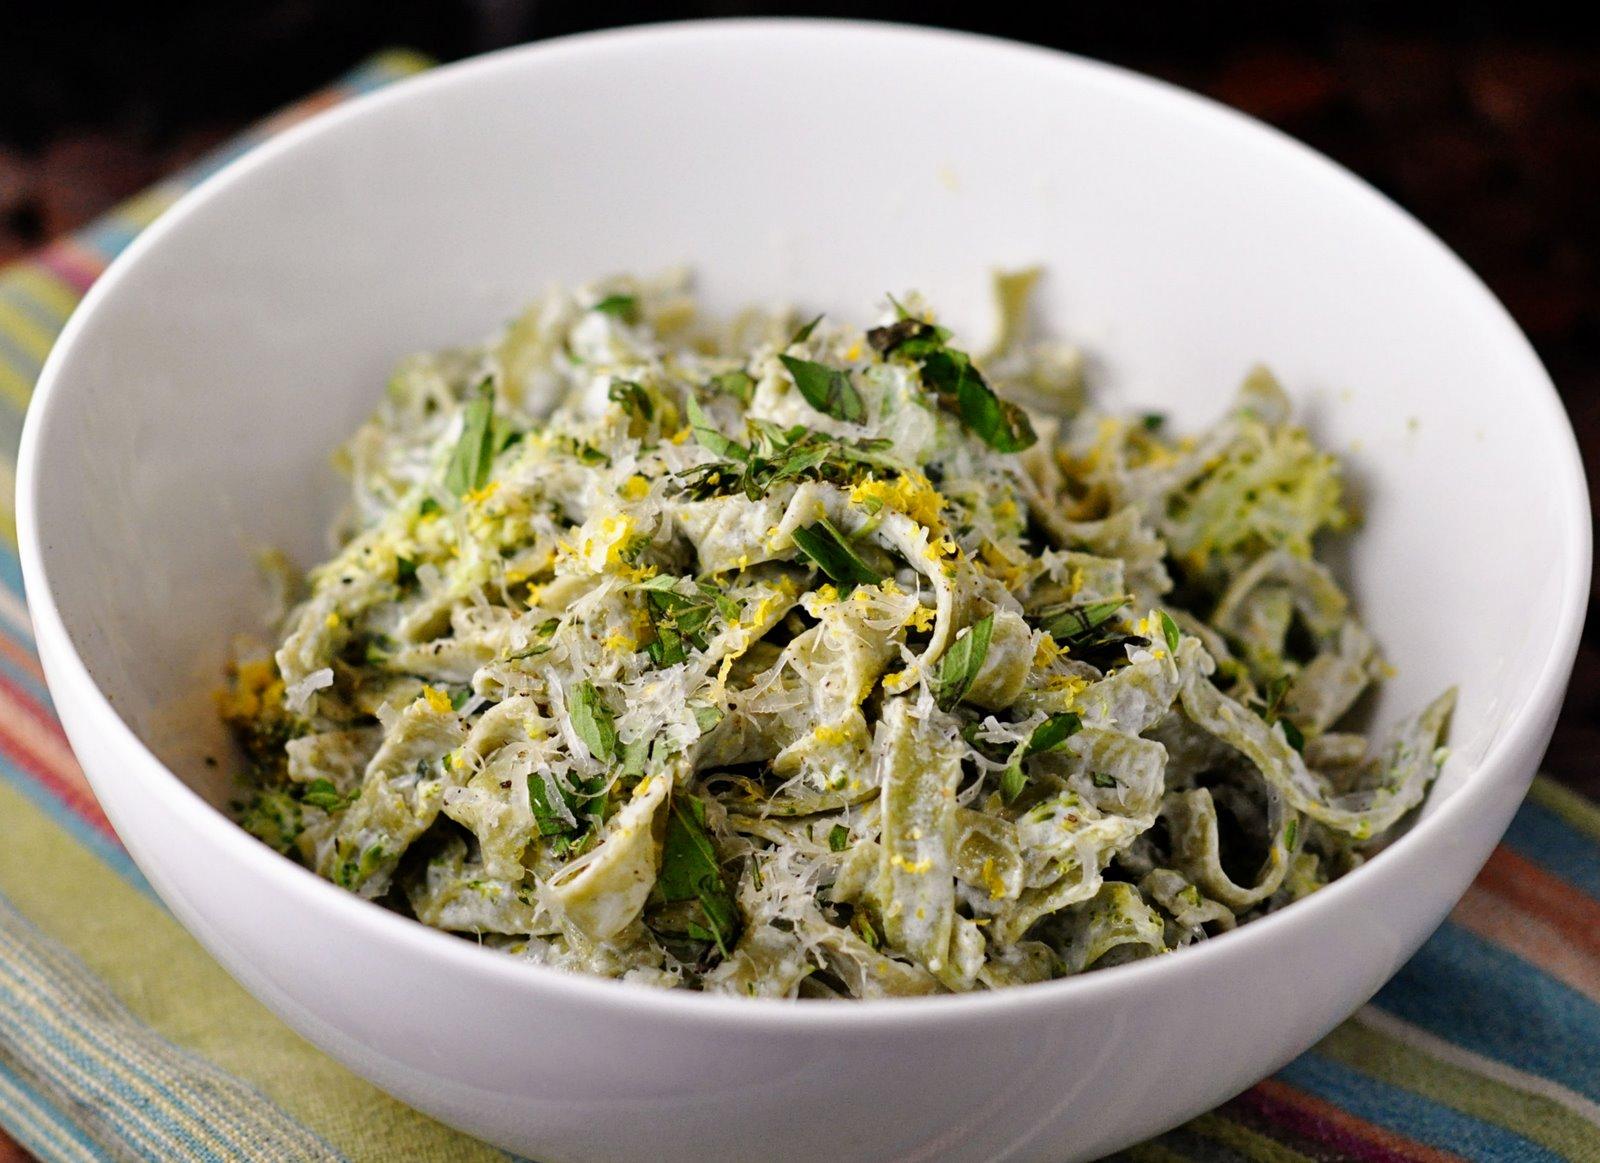 Pasta With Broccoli, Goat Cheese, And Oregano Recipes — Dishmaps